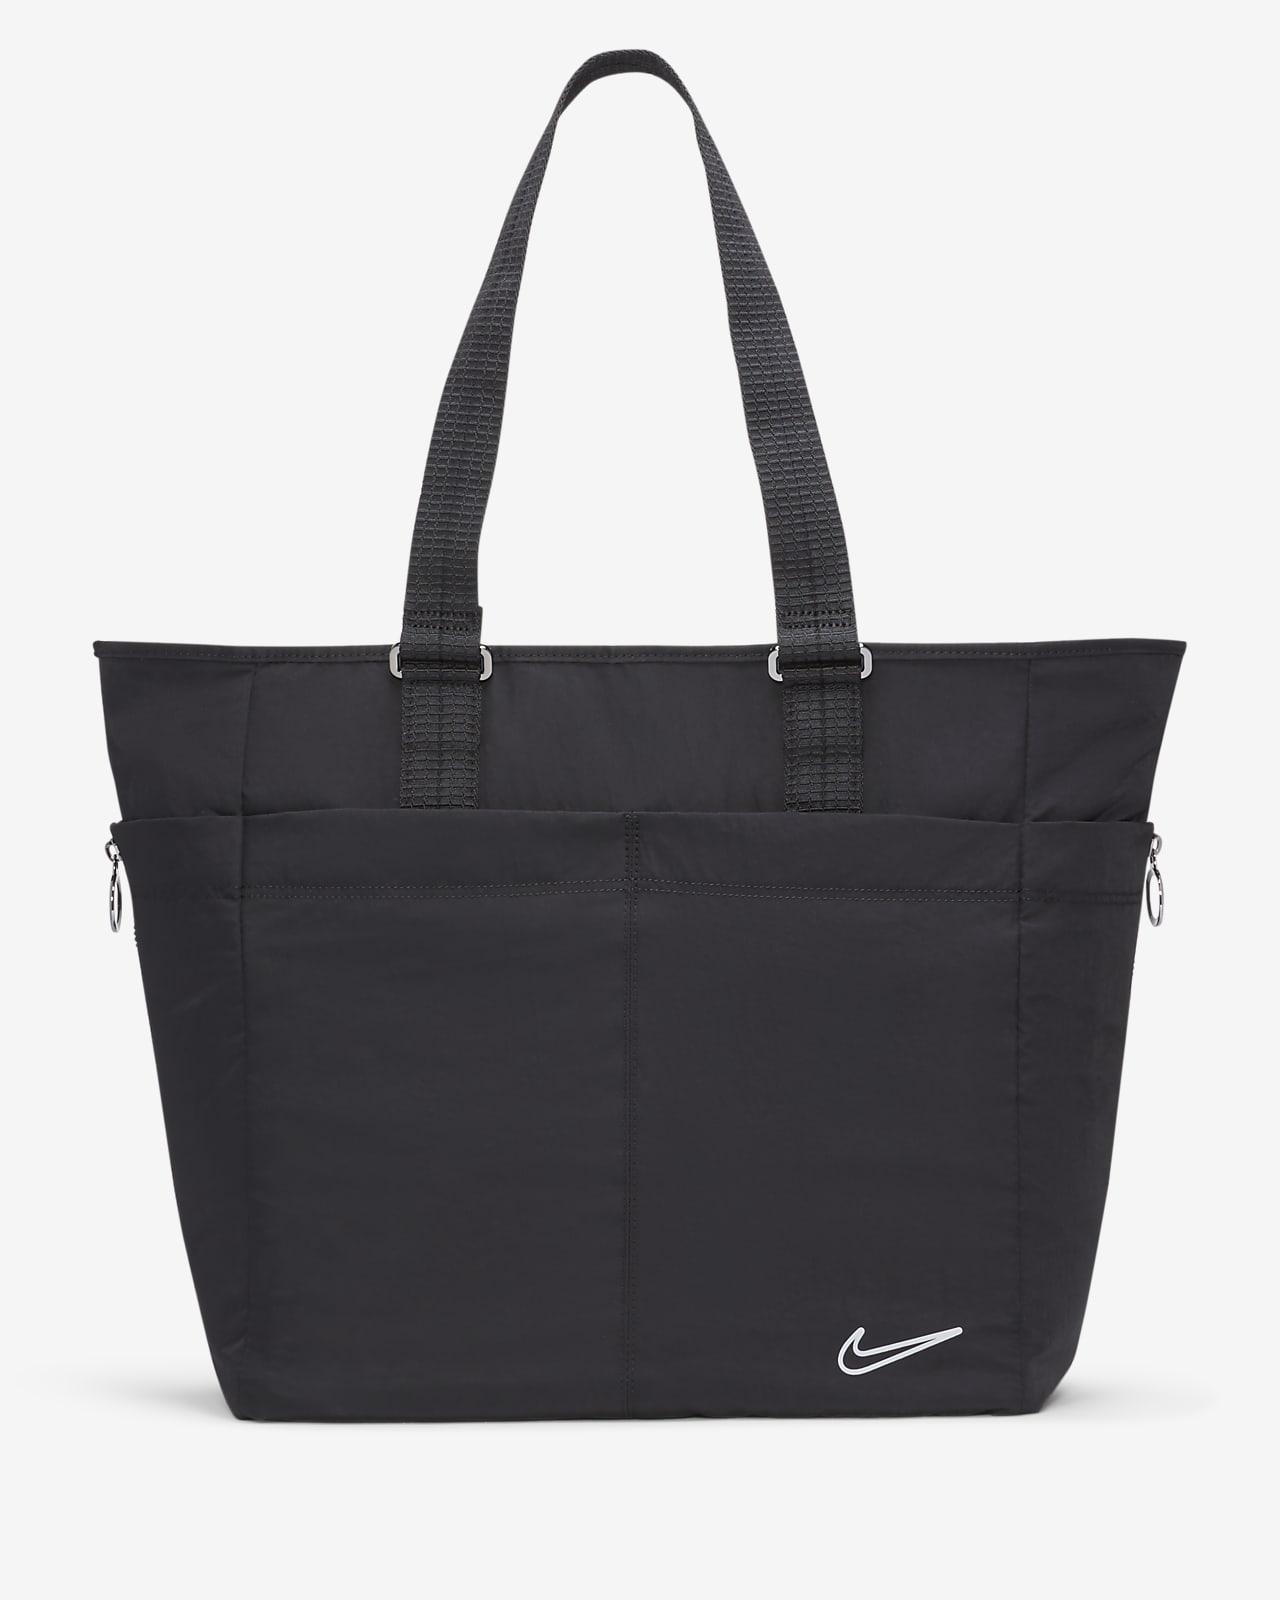 Γυναικεία τσάντα προπόνησης Nike One Luxe